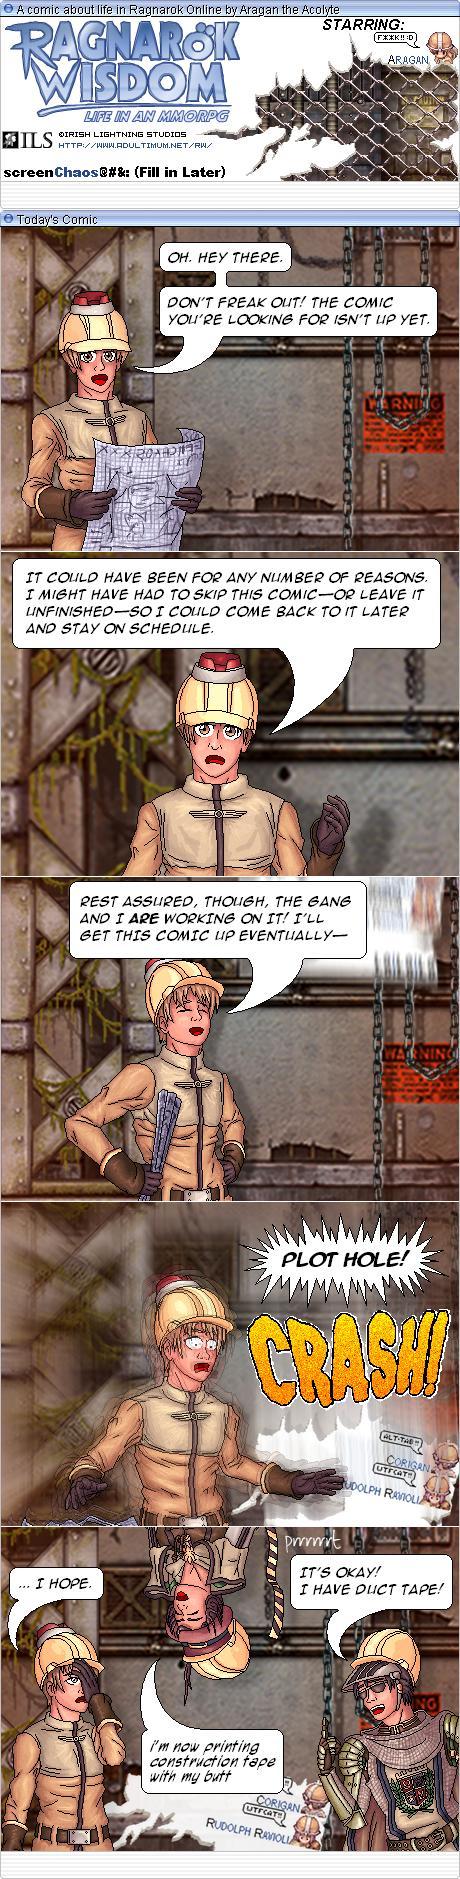 Comic #476